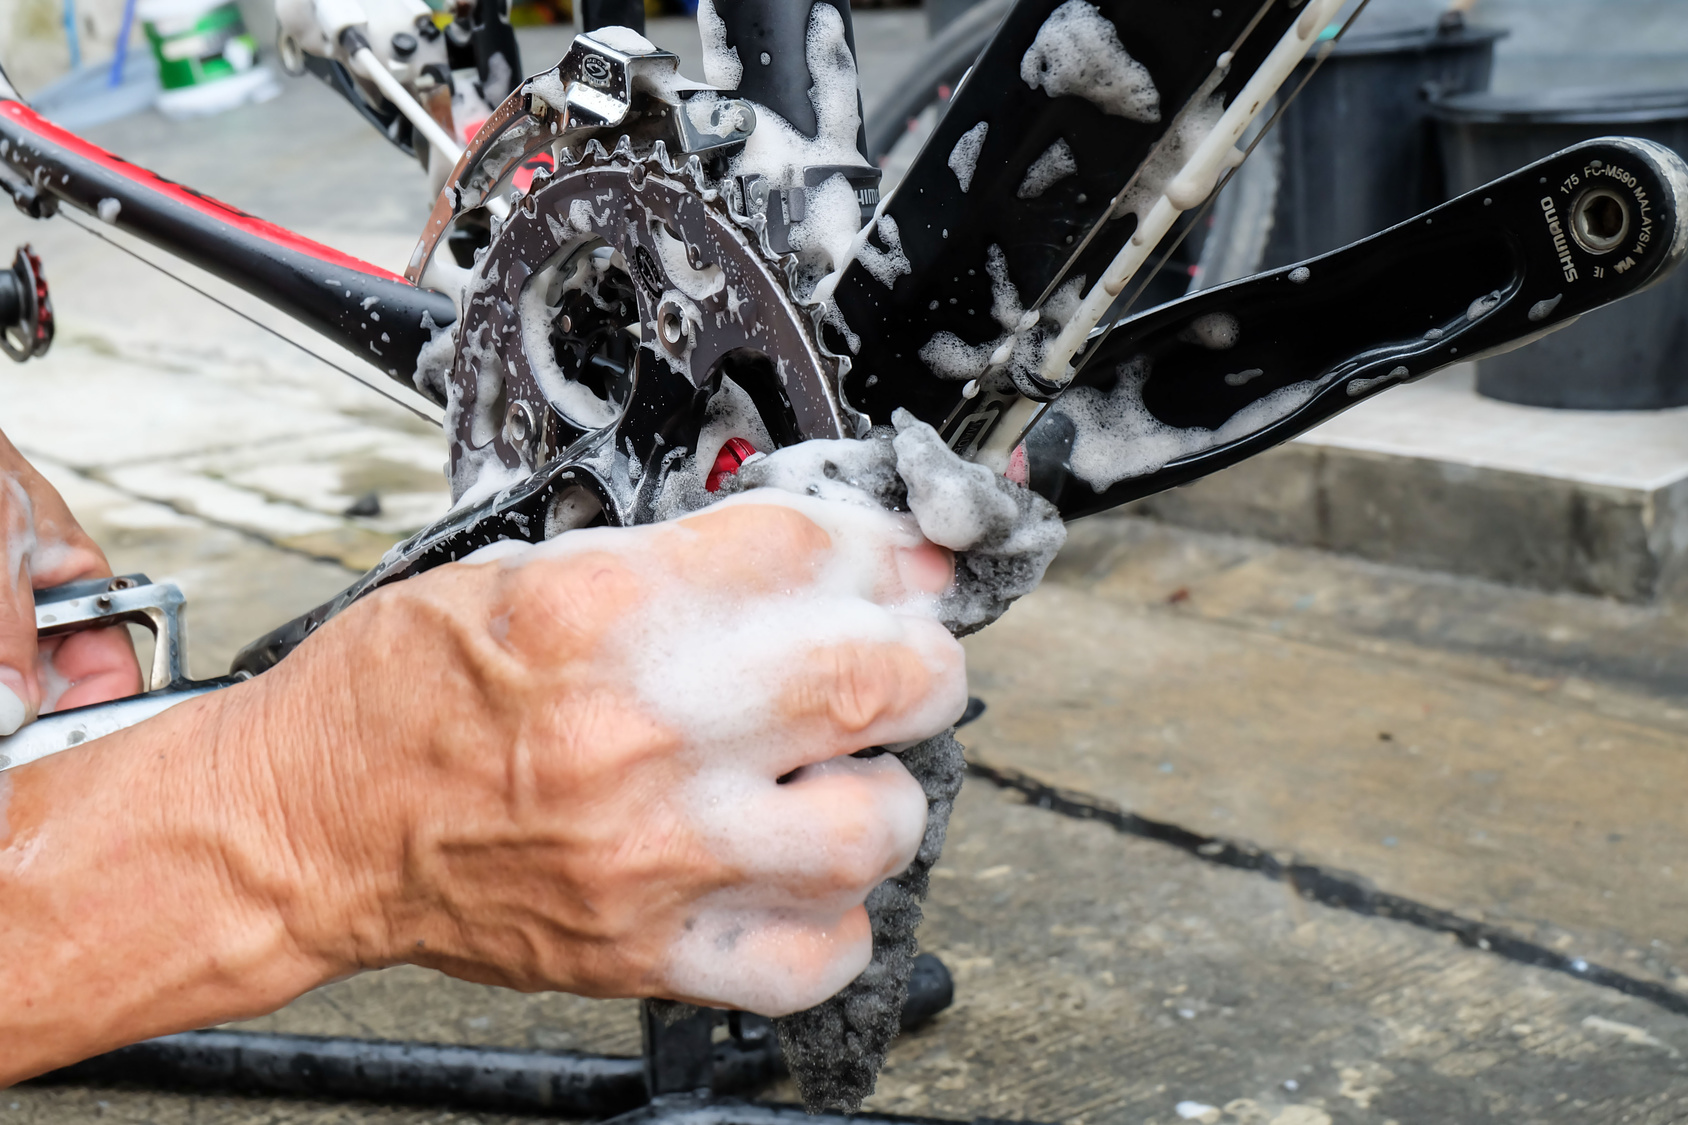 Coroa de bicicleta é limpada com sabão.